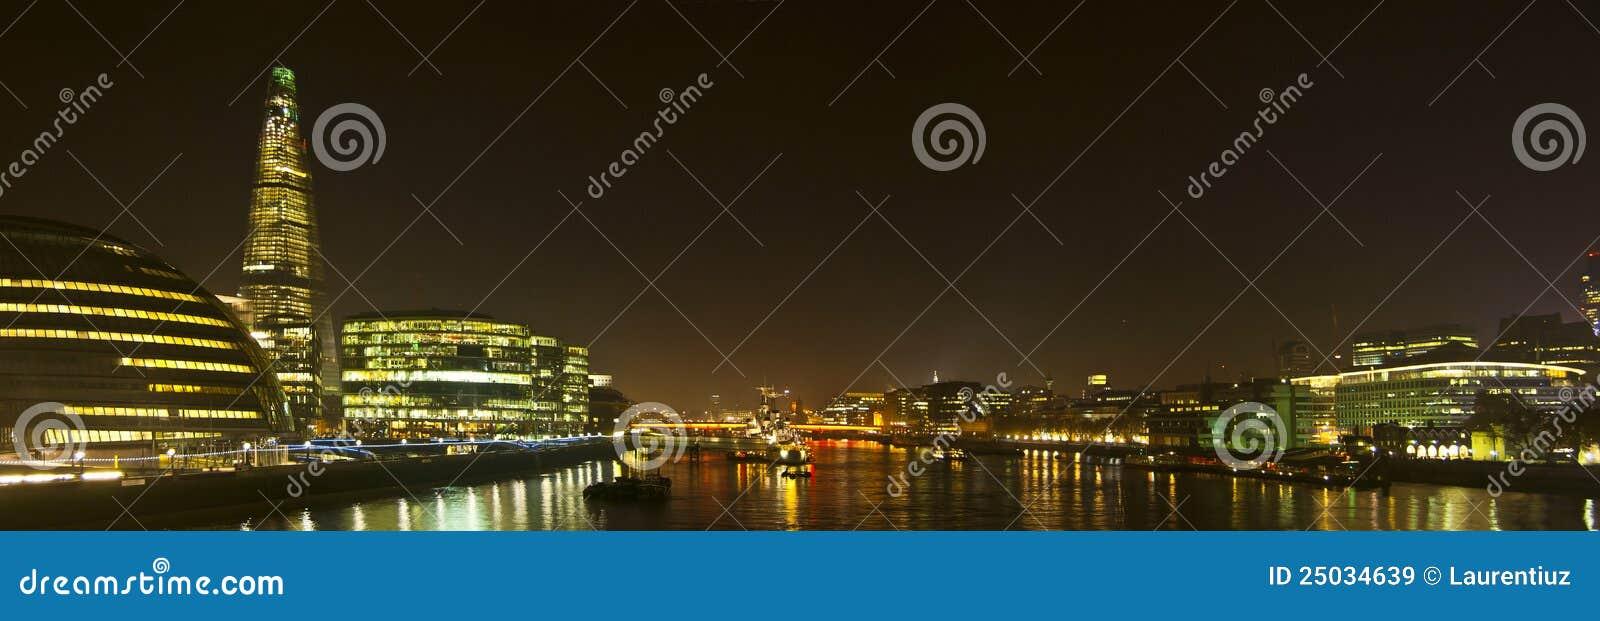 Ορίζοντας του Λονδίνου από τη γέφυρα πύργων